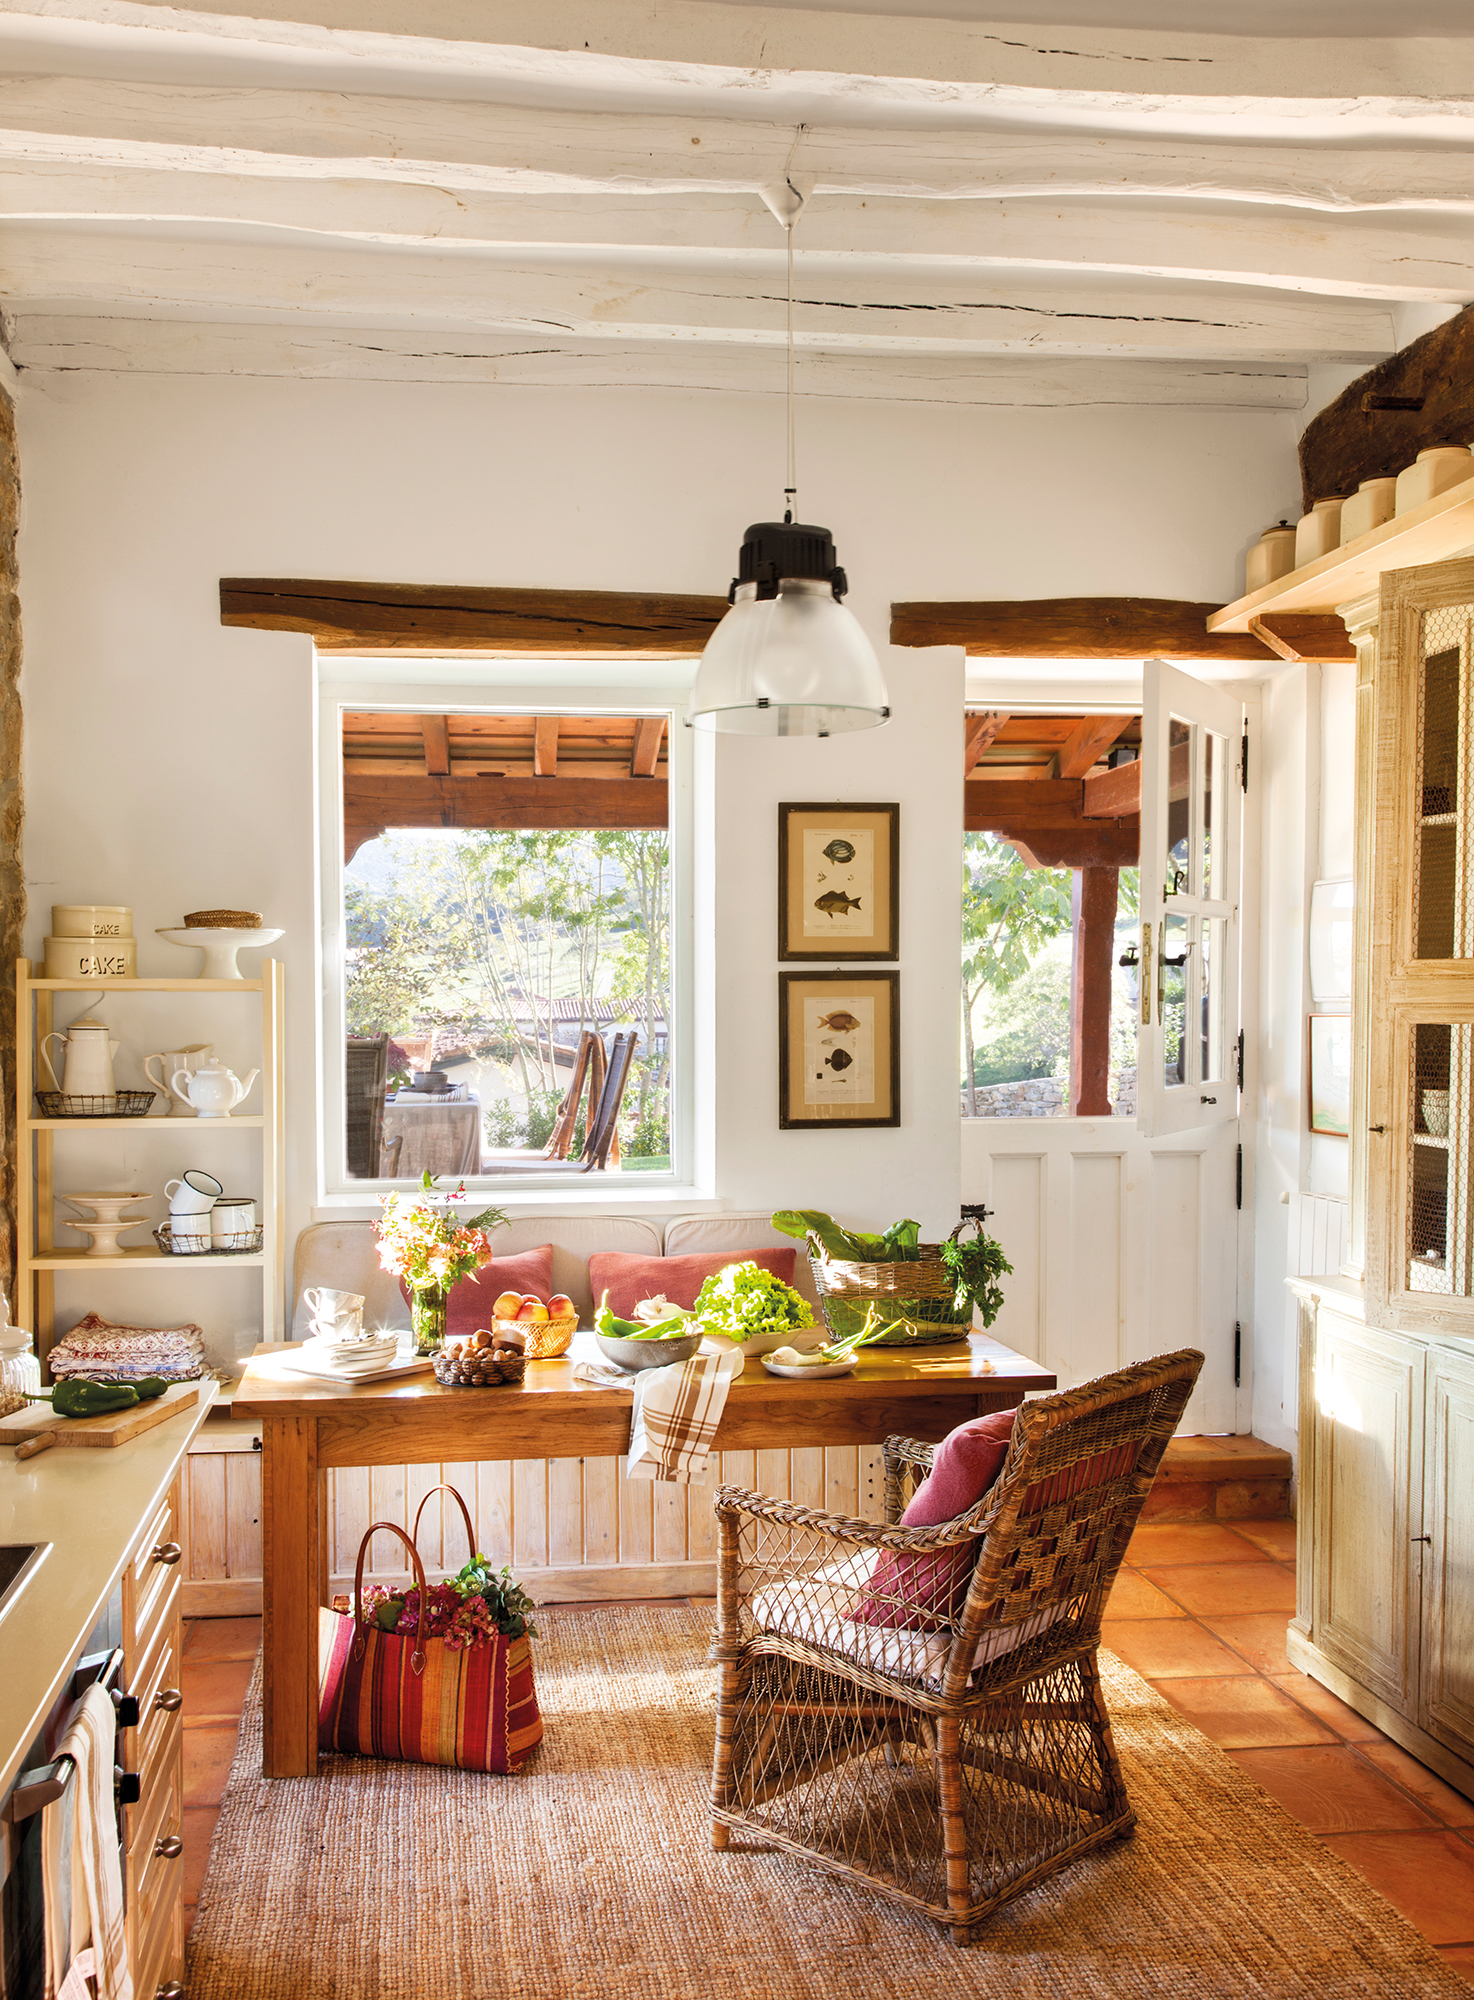 705 fotos de muebles de cocina - Mesa de cocina rustica ...